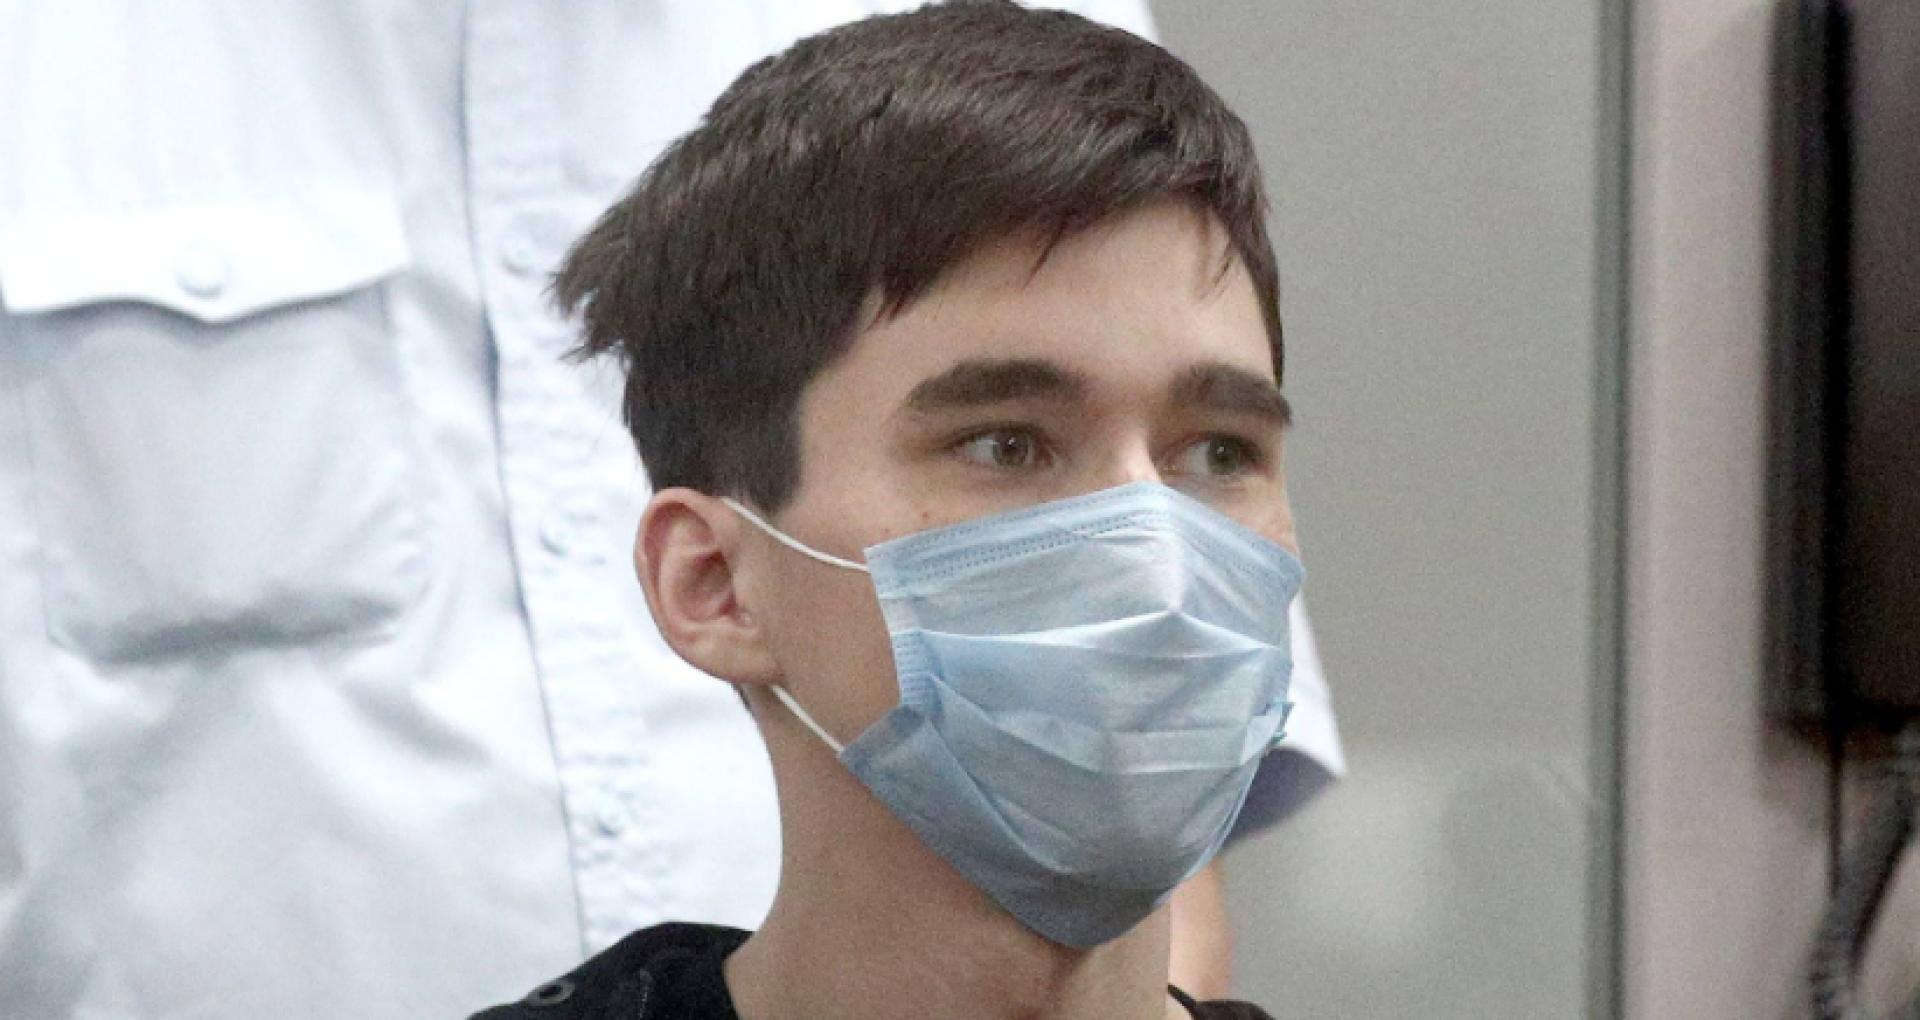 Autorul atacului cu împușcături de la școala din Kazan, arestat pentru două luni, supus unei expertize psihiatrice